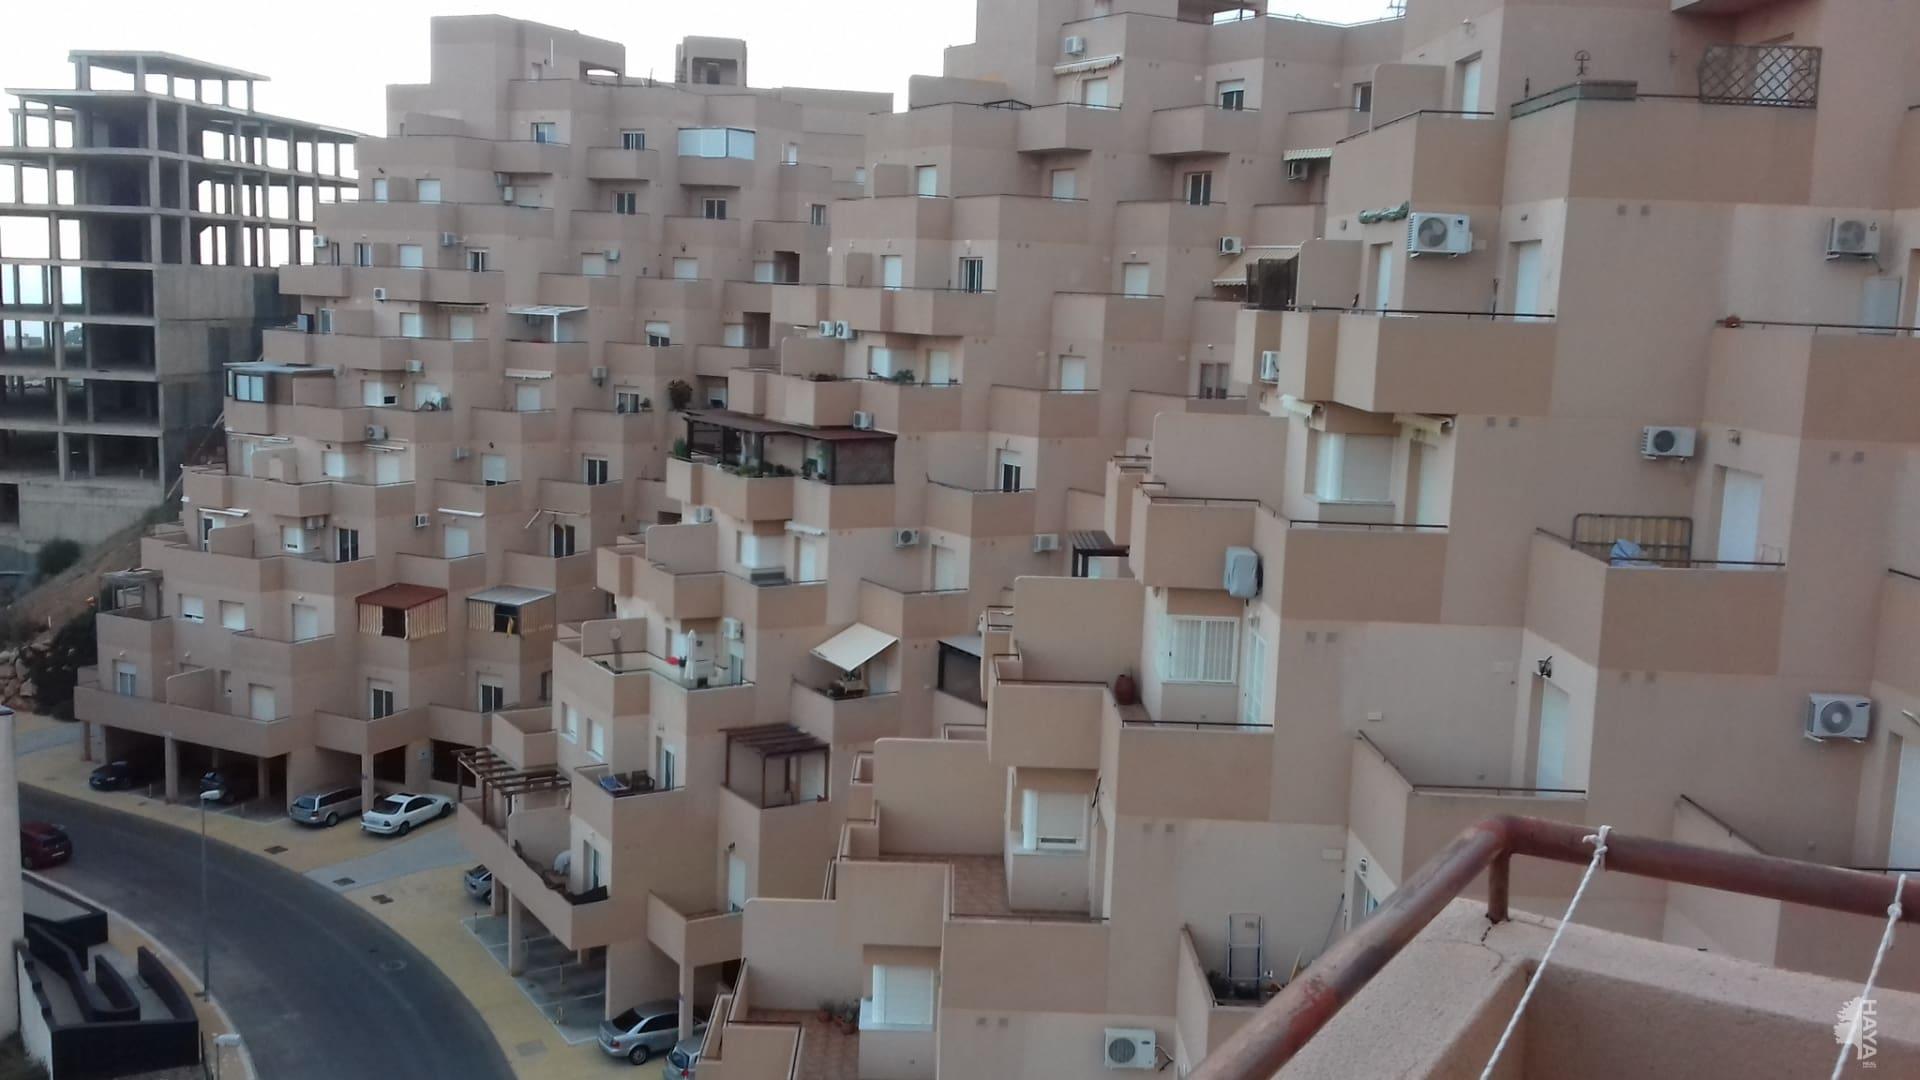 Piso en venta en La Gangosa - Vistasol, Vícar, Almería, Calle Encinas, 38.900 €, 1 habitación, 1 baño, 49 m2